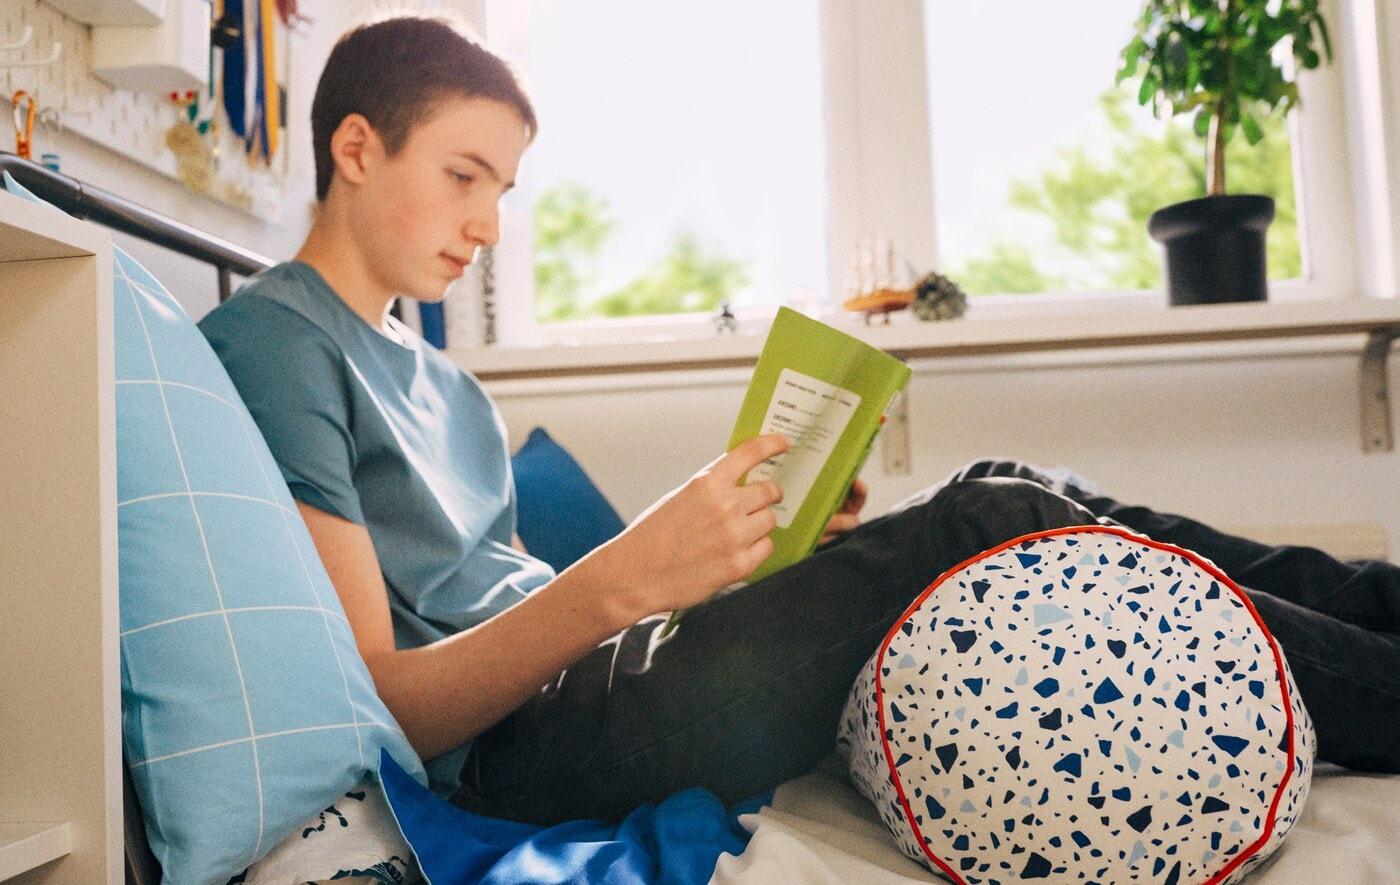 Un écolier assis sur son lit est en train de lire, le dos appuyé contre un oreiller et ses jambes soutenues par un coussinMÖJLIGHET.